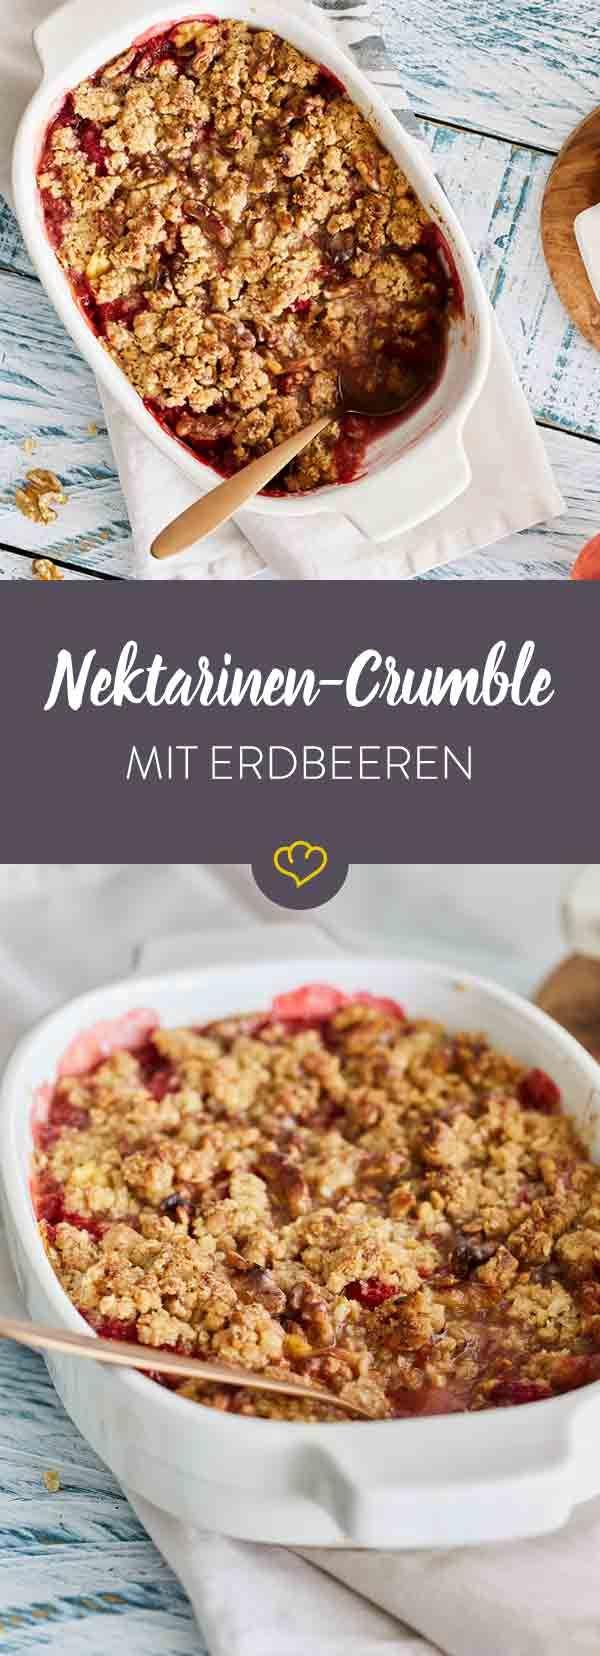 Wo sich Nektarinen und Erdbeeren am wohlsten fühlen? Unter einer Decke aus knusprigen Streuseln. Also Löffel rein und glücklich sein!